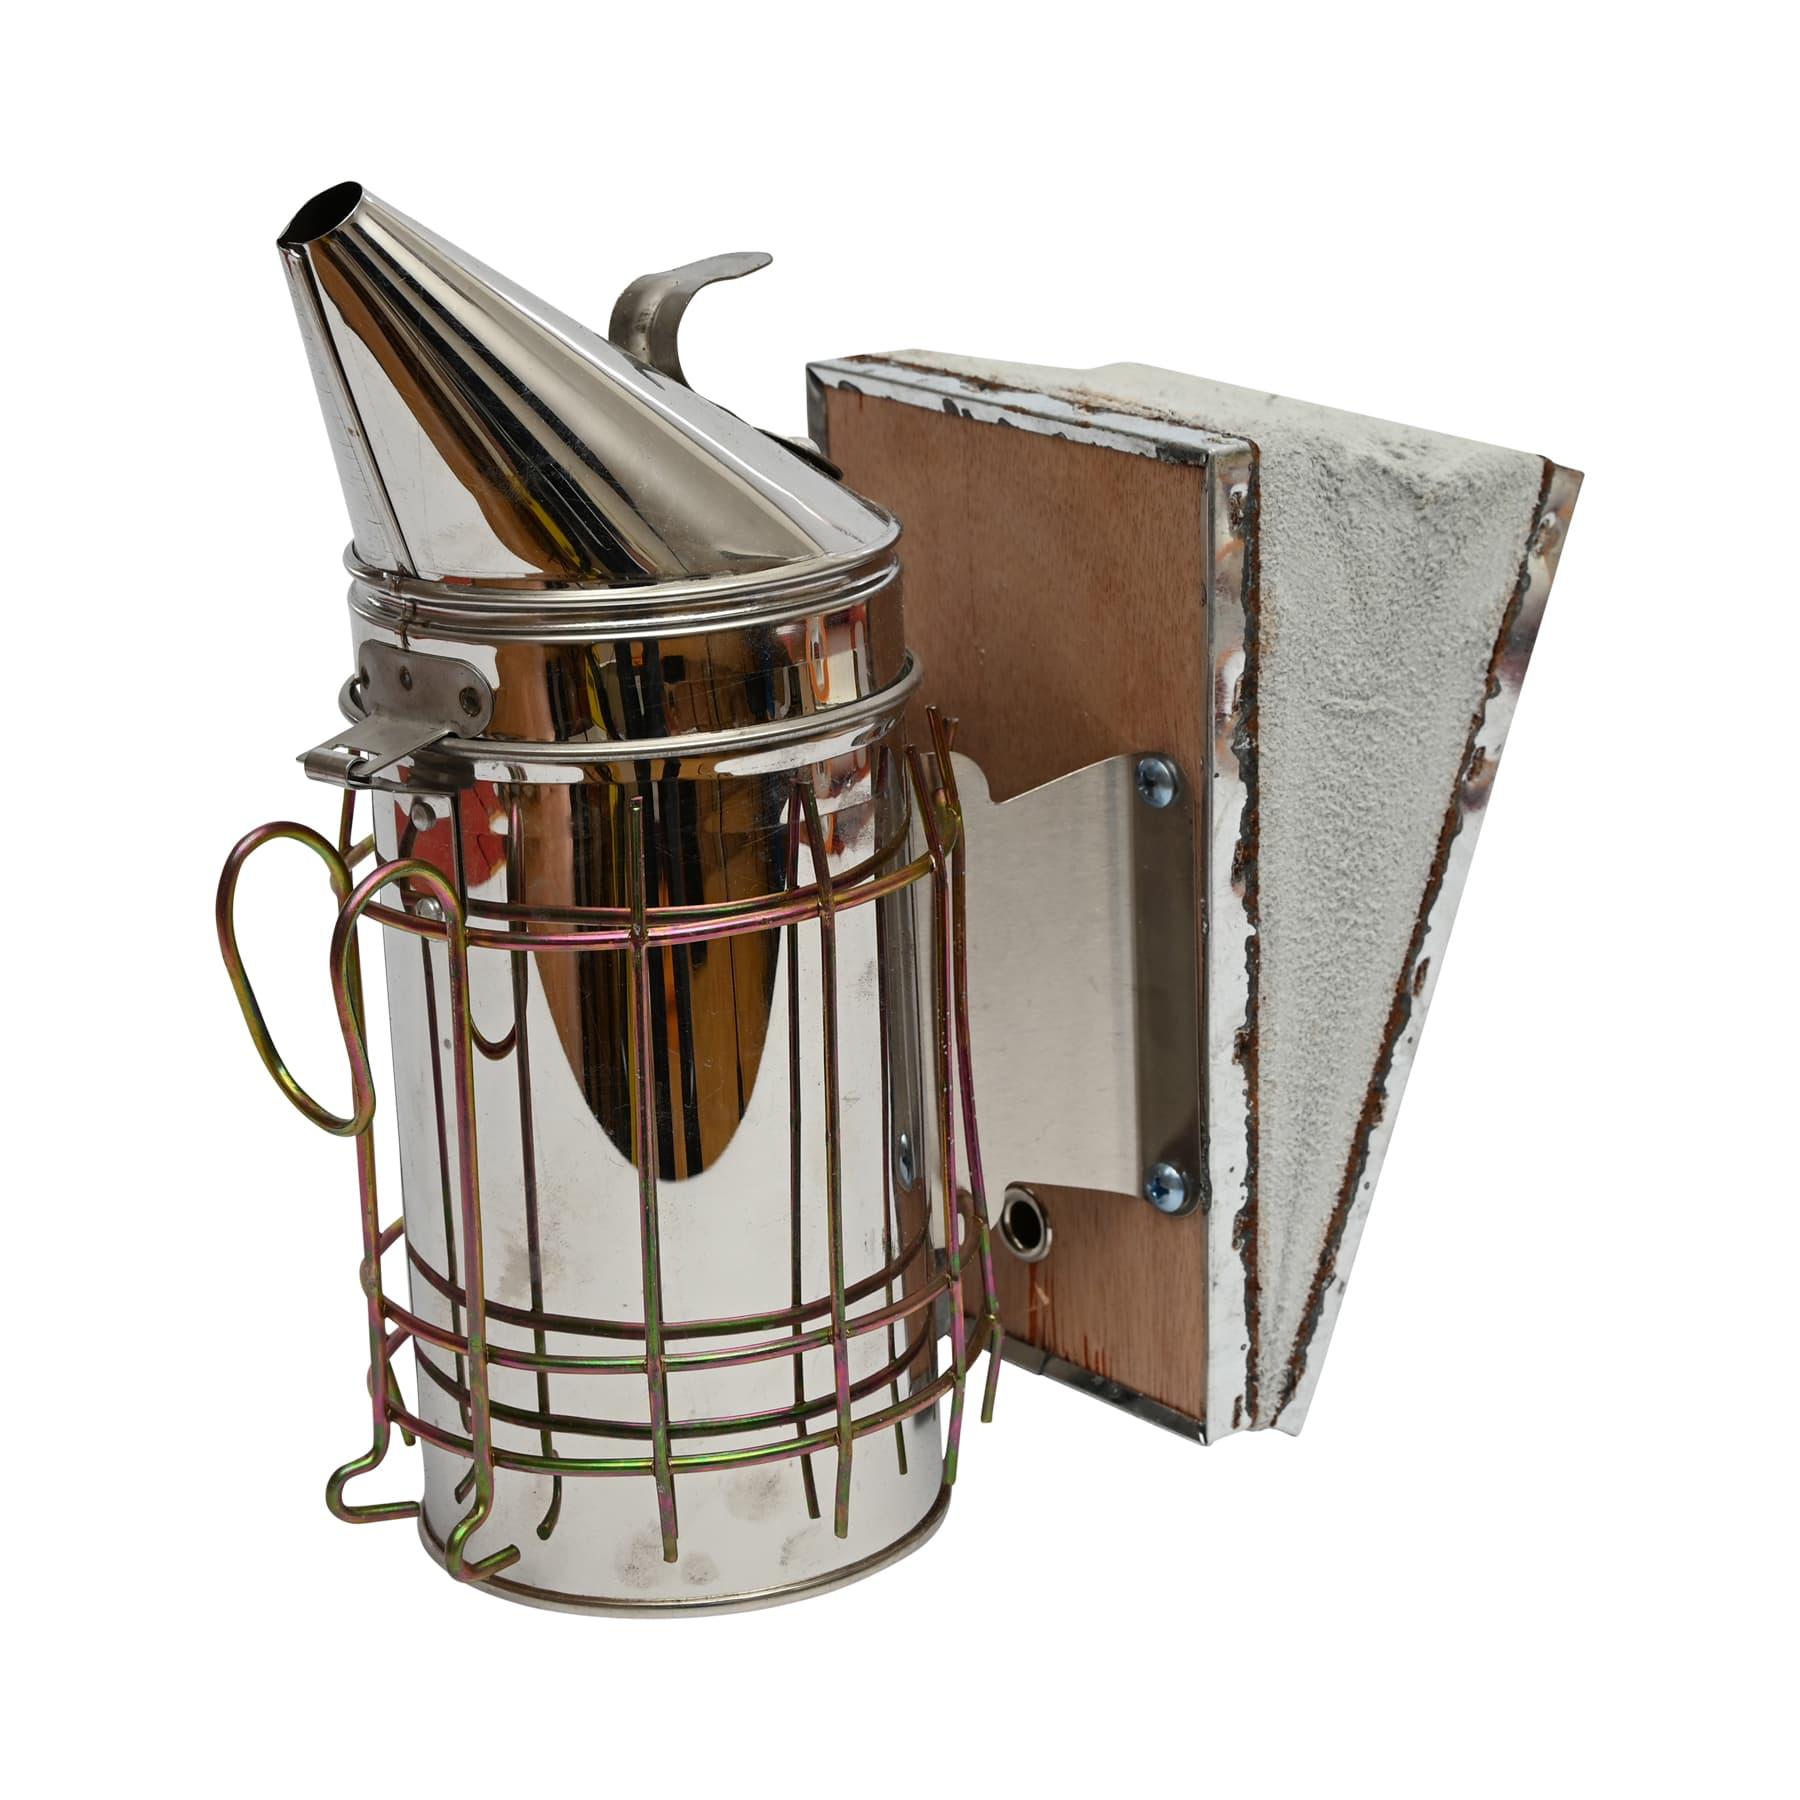 Edelstahl-Smoker, (Rauchbläser) 8 cm Durchmesser